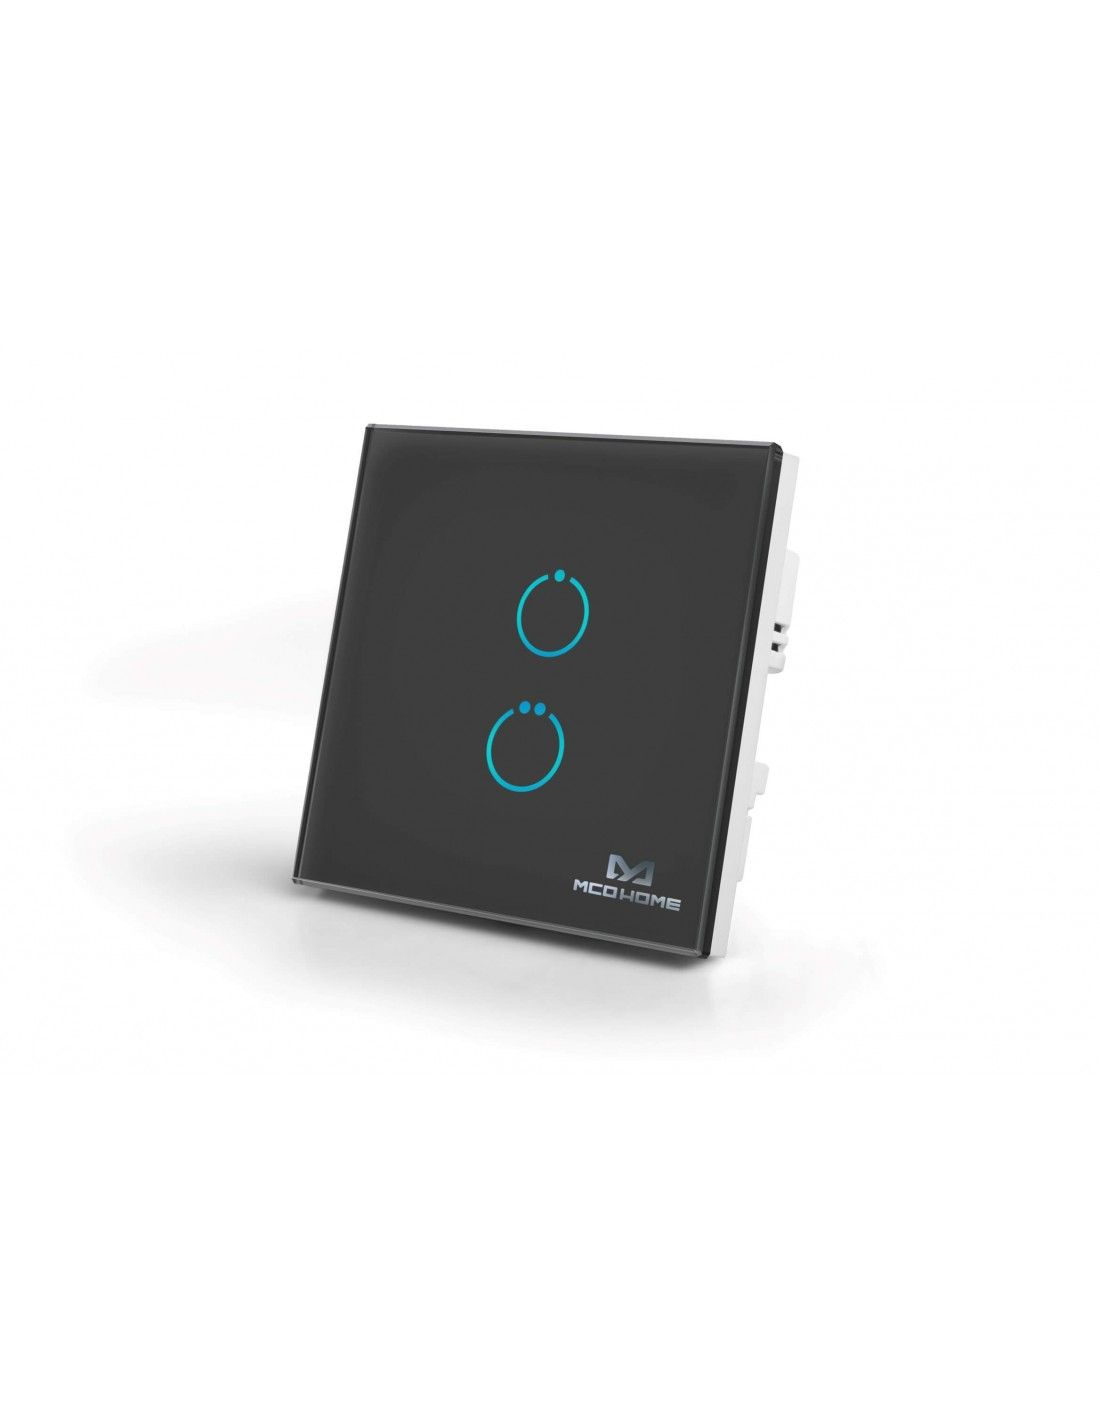 MCO Home - Schalter Touch Panel Z-Wave 2 Tasten, Schwarz (MH-S412B)